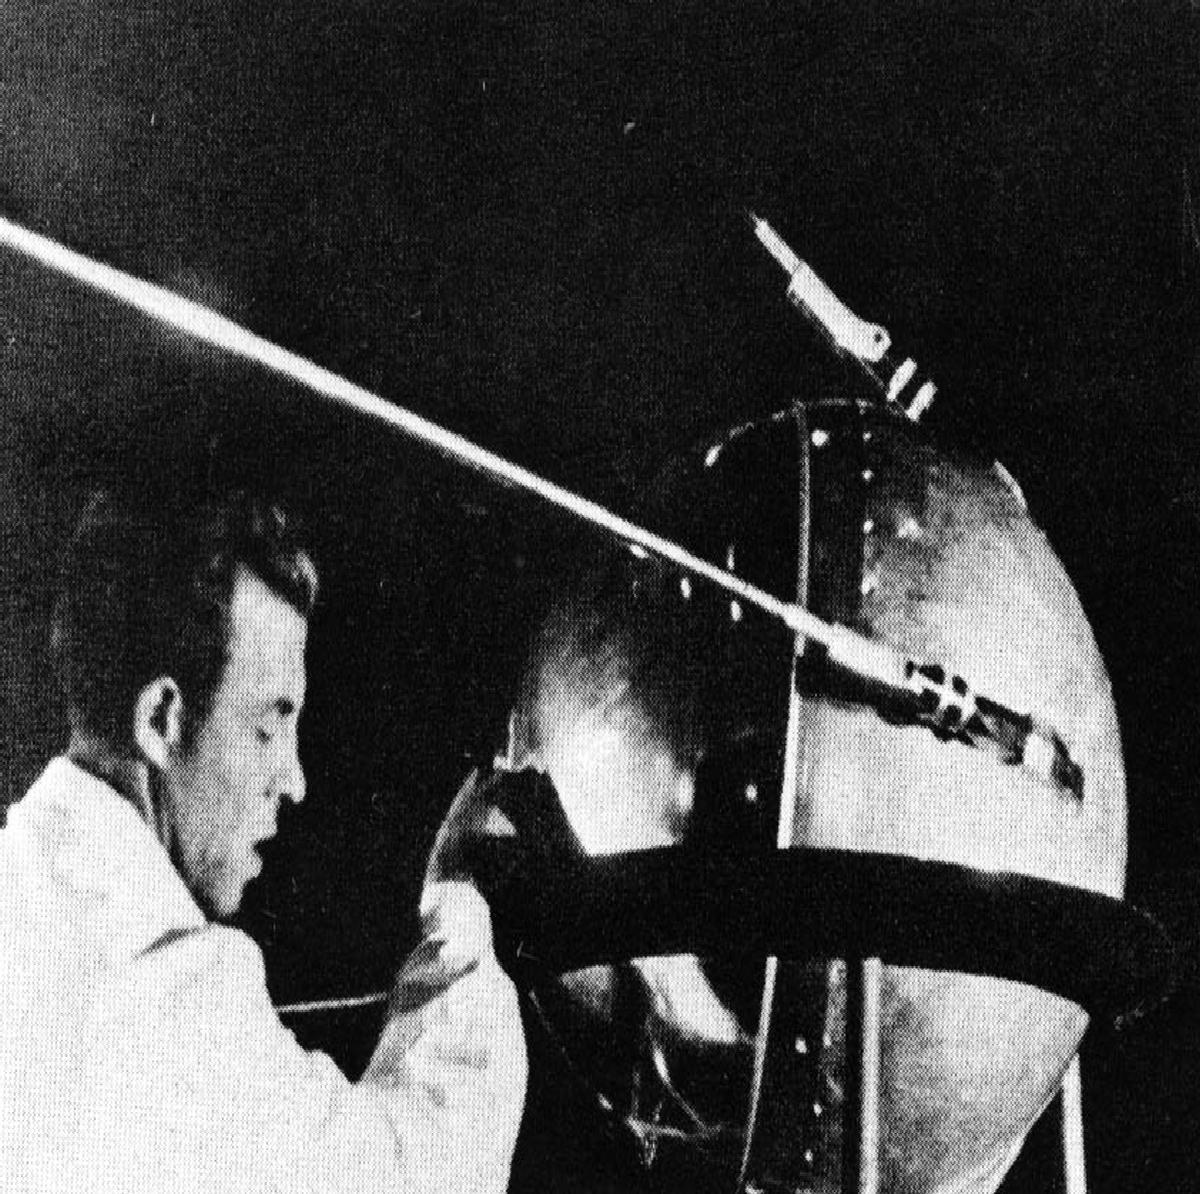 Technik provádí jednu z posledních kontrol před připojením Sputniku-1 k nosné raketě. Traduje se, že Koroljov těsně před připojením ještě jednou nechal zapnout vysílač a na chvíli se zaposlouchal do jeho pípání. I pragmatický Koroljov tušil, že stojí na prahu historického okamžiku…